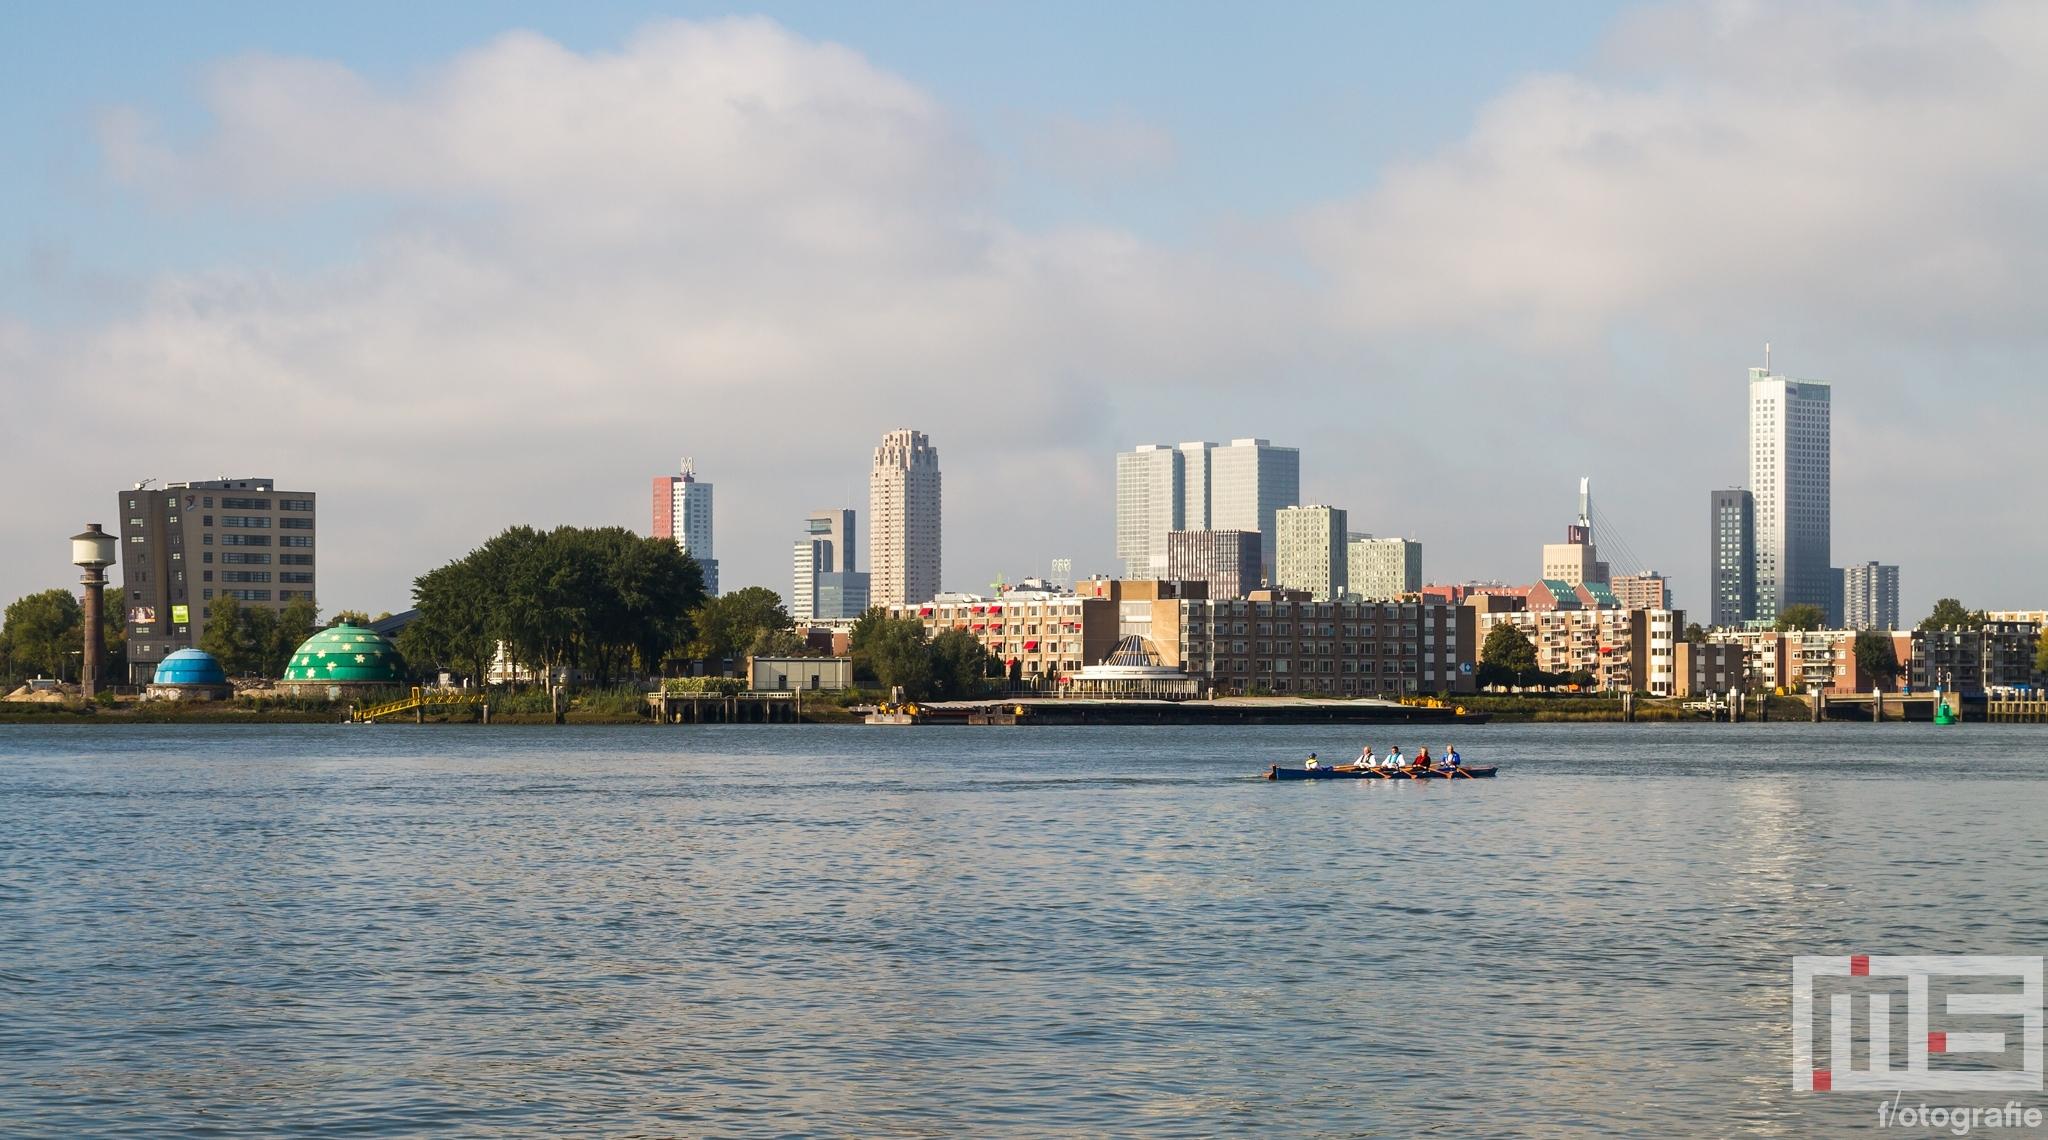 Te Koop | De skyline van Rotterdam met zicht op de wijk Feijenoord